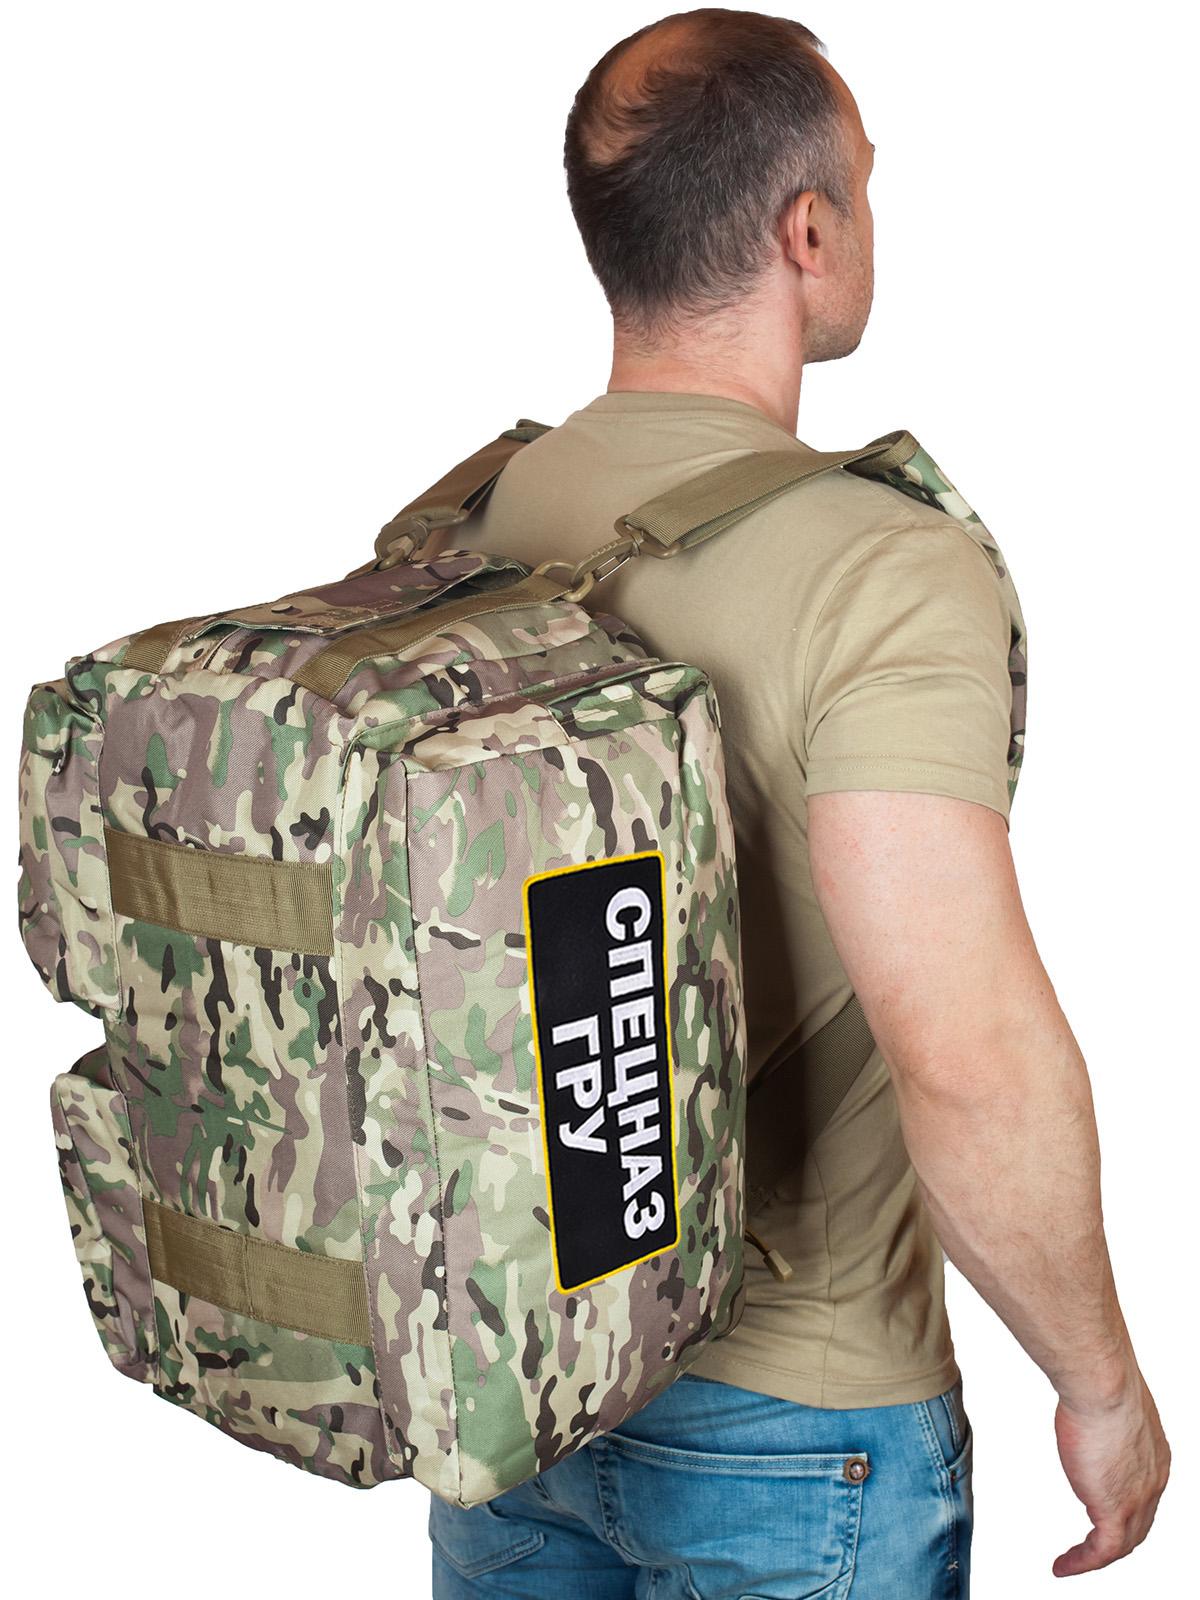 Лучшее тактическое снаряжение ГРУ – рюкзаки и сумки